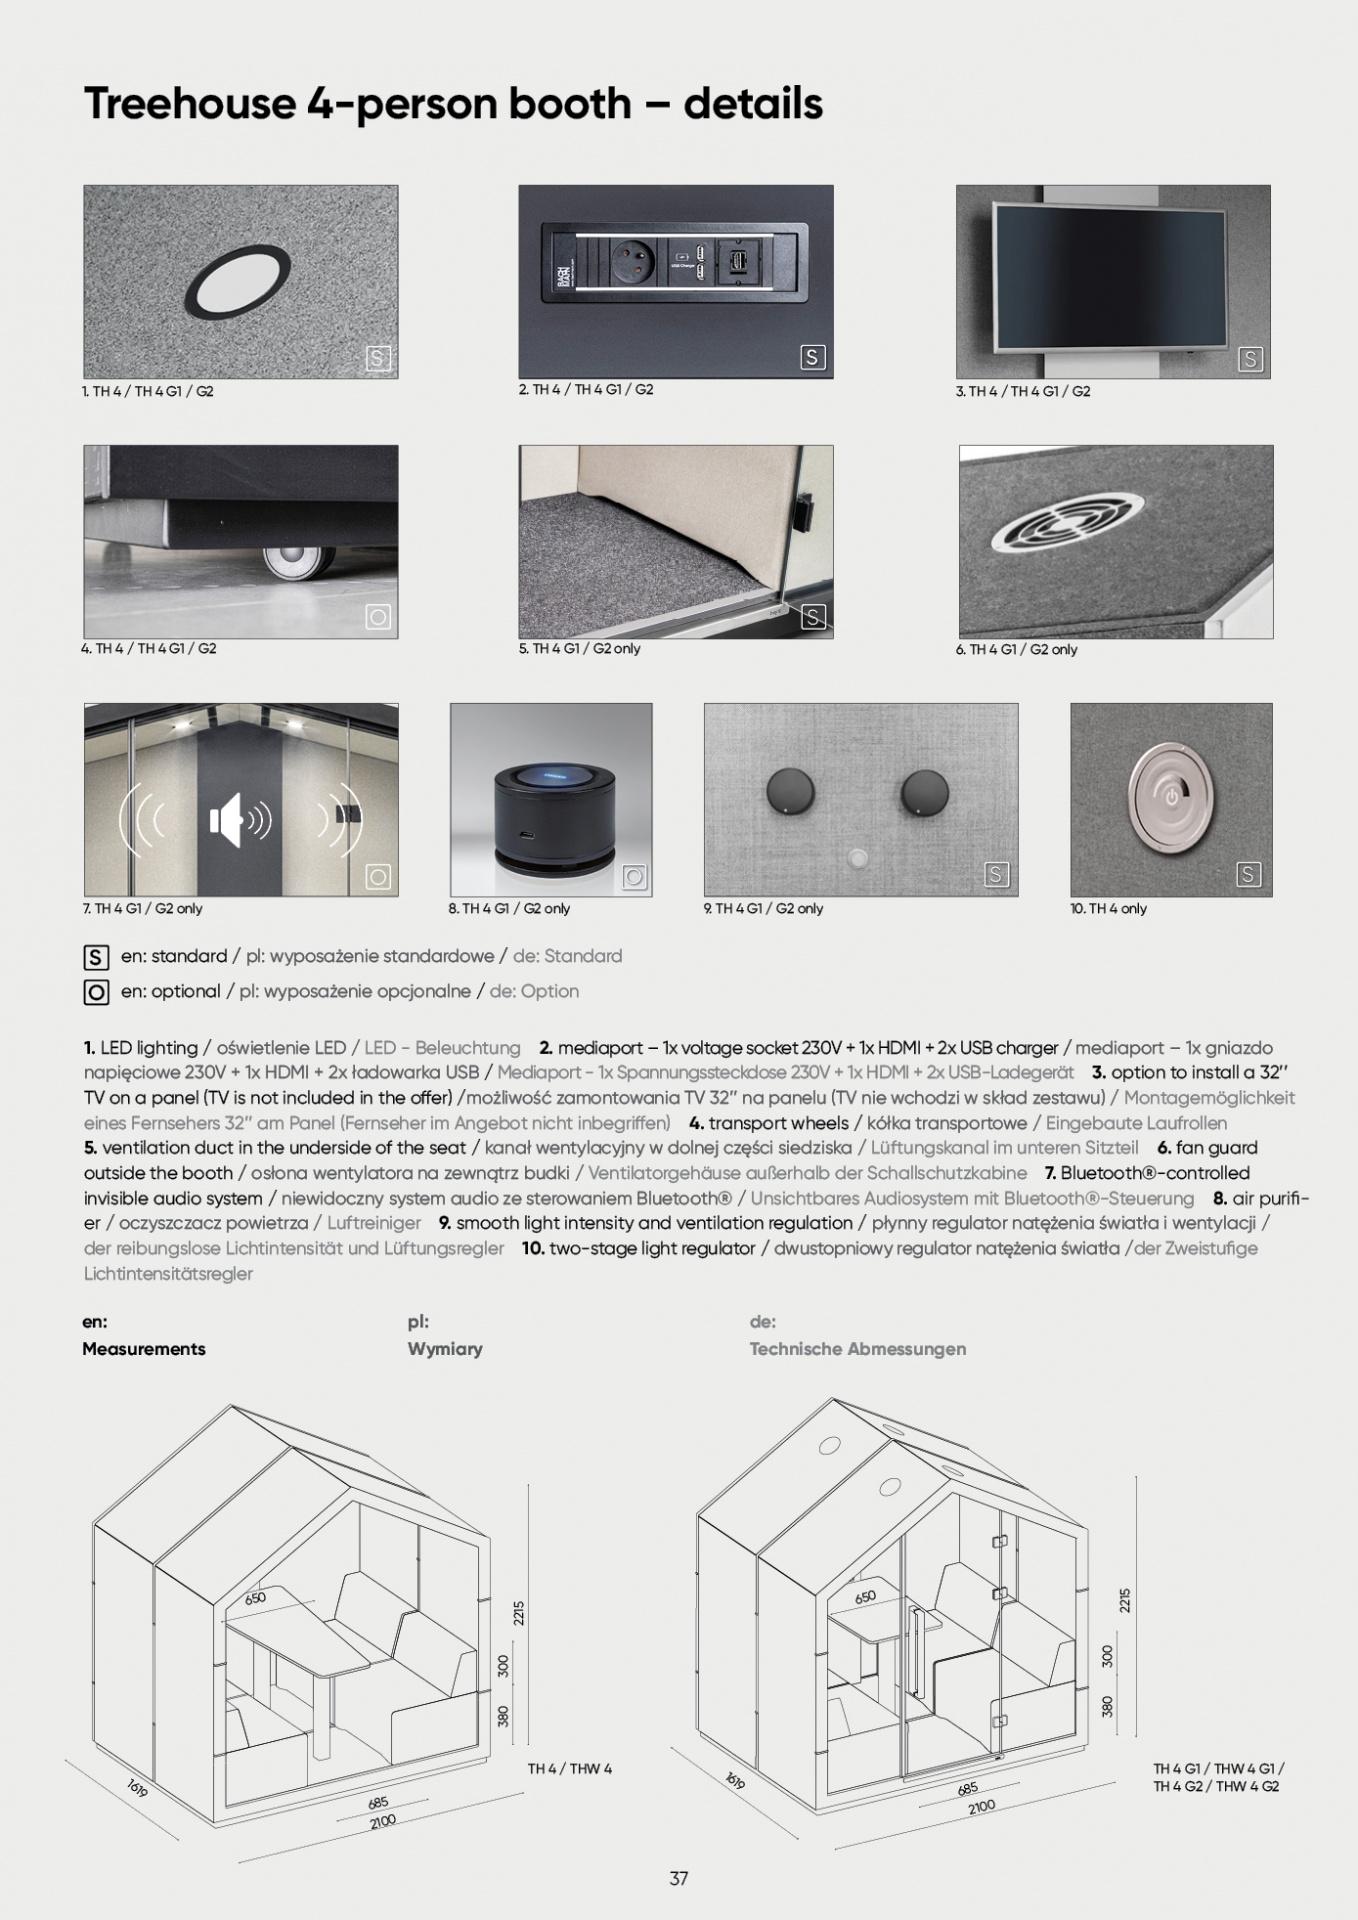 treehouse-catalogue-v2-37.jpg